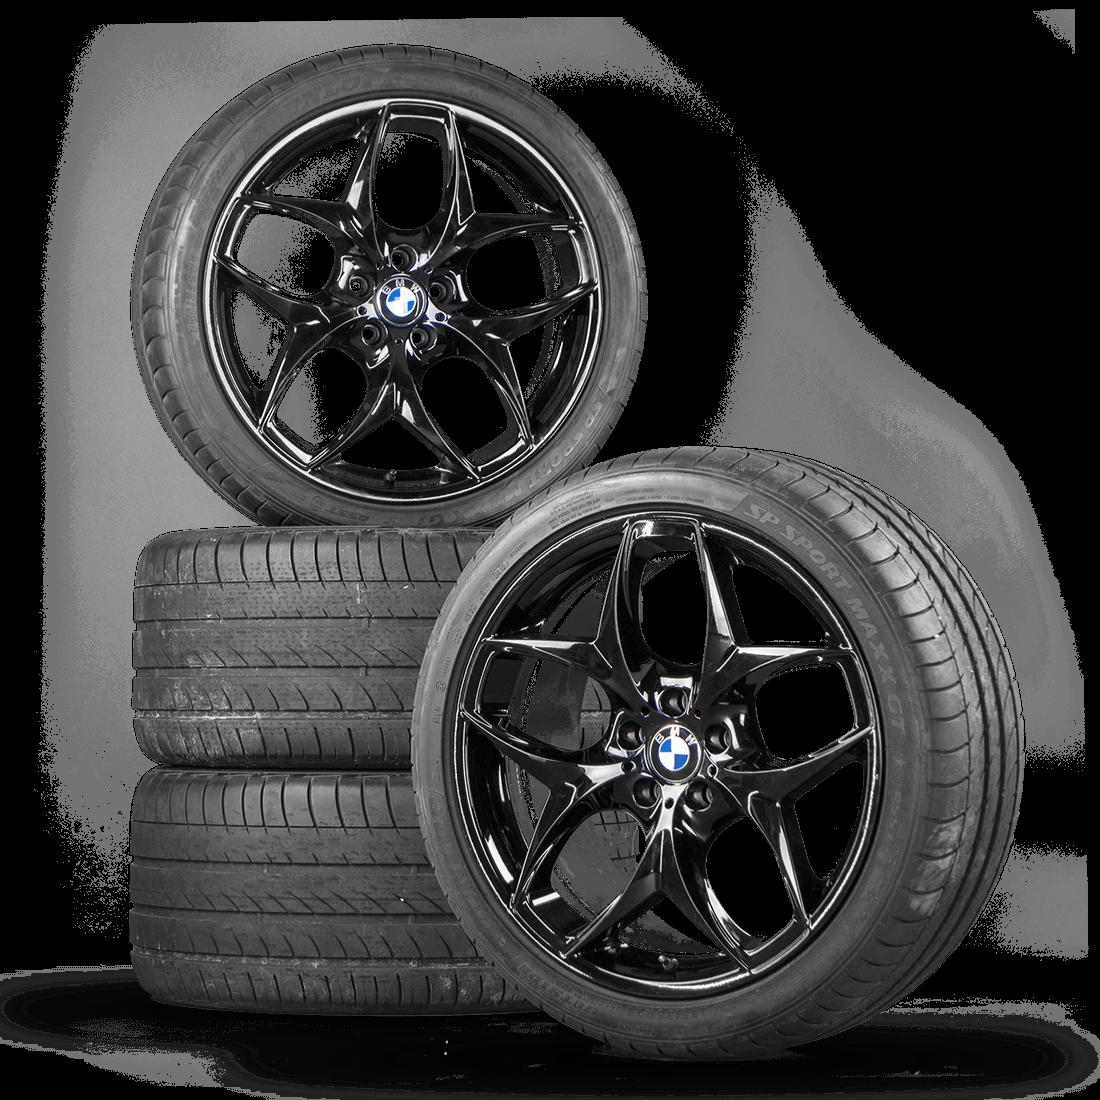 Bmw X6 X6m E71 21 Inch Rim Alloy Wheels Summer Tires Summer